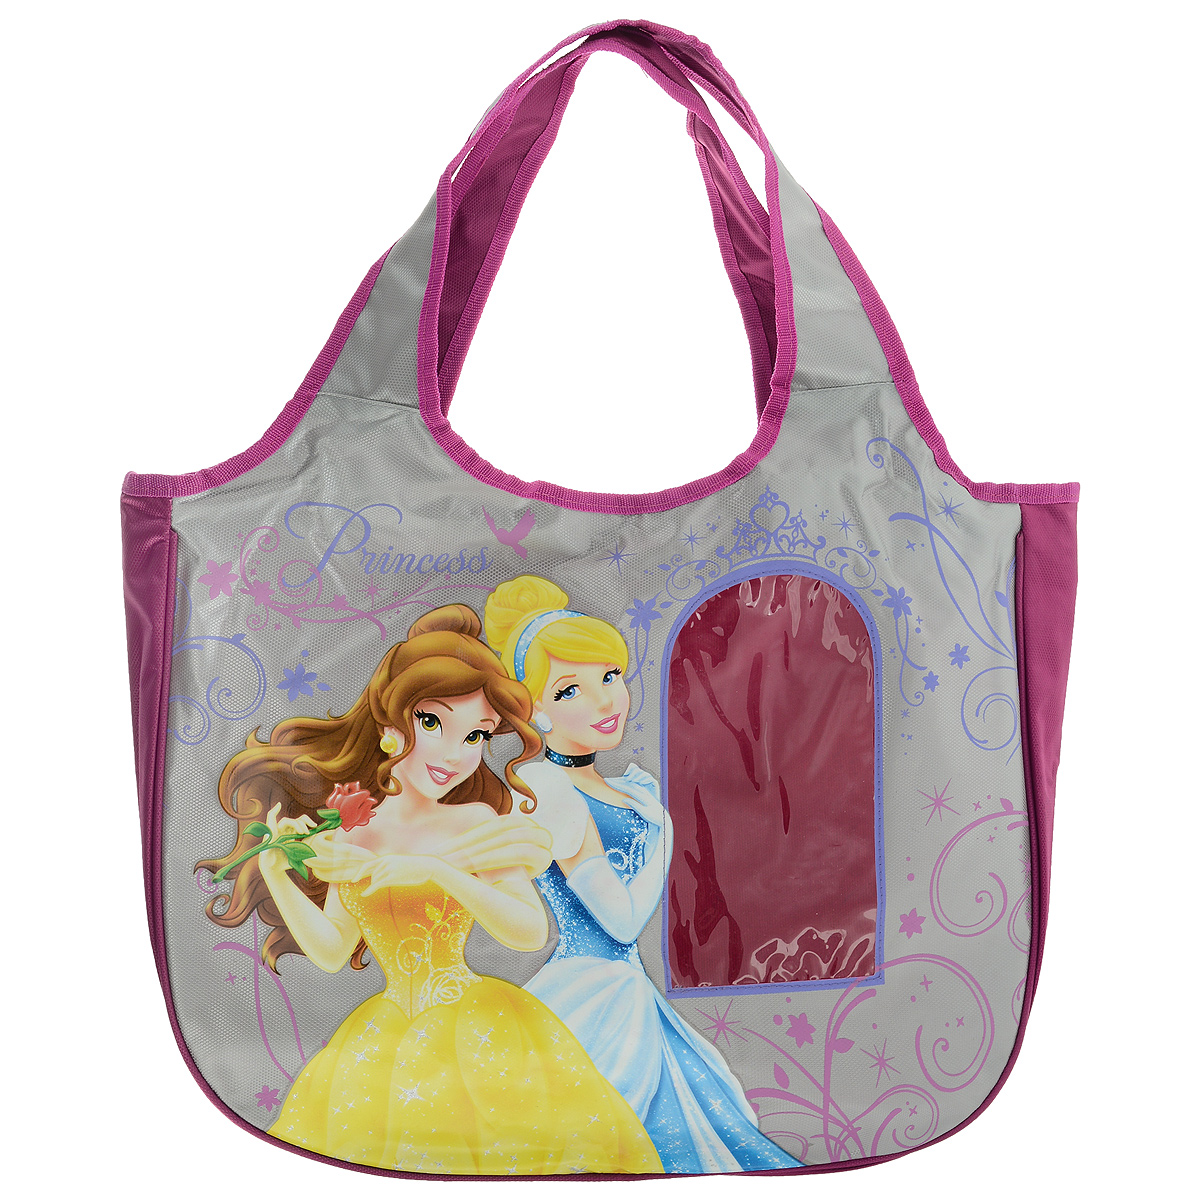 Сумка детская Disney Princess, цвет: розовый, серый. PRAS-UT-1445 шампуни schwarzkopf professional шампунь color